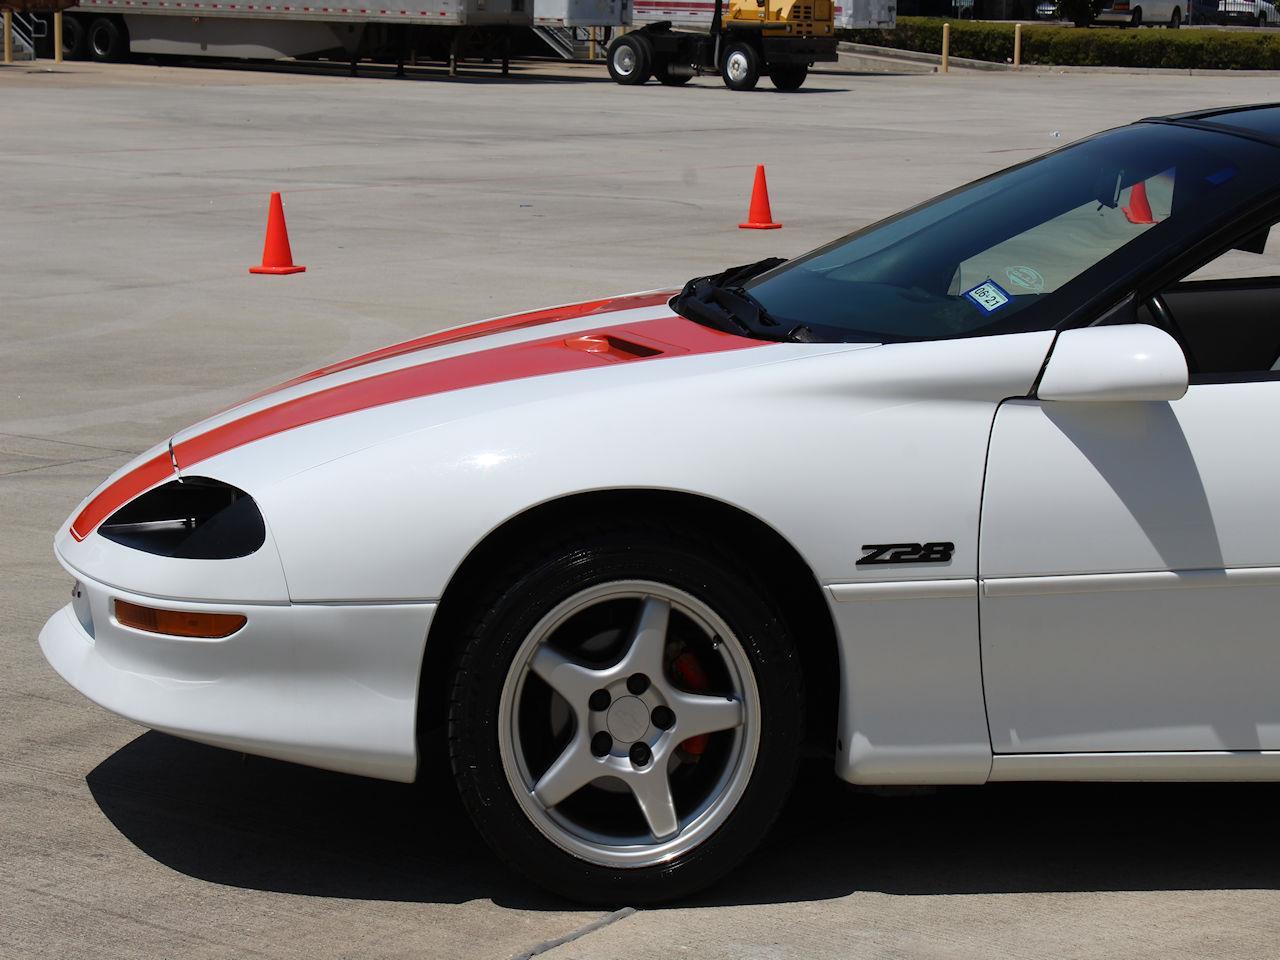 1997 Chevrolet Camaro (CC-1410520) for sale in O'Fallon, Illinois